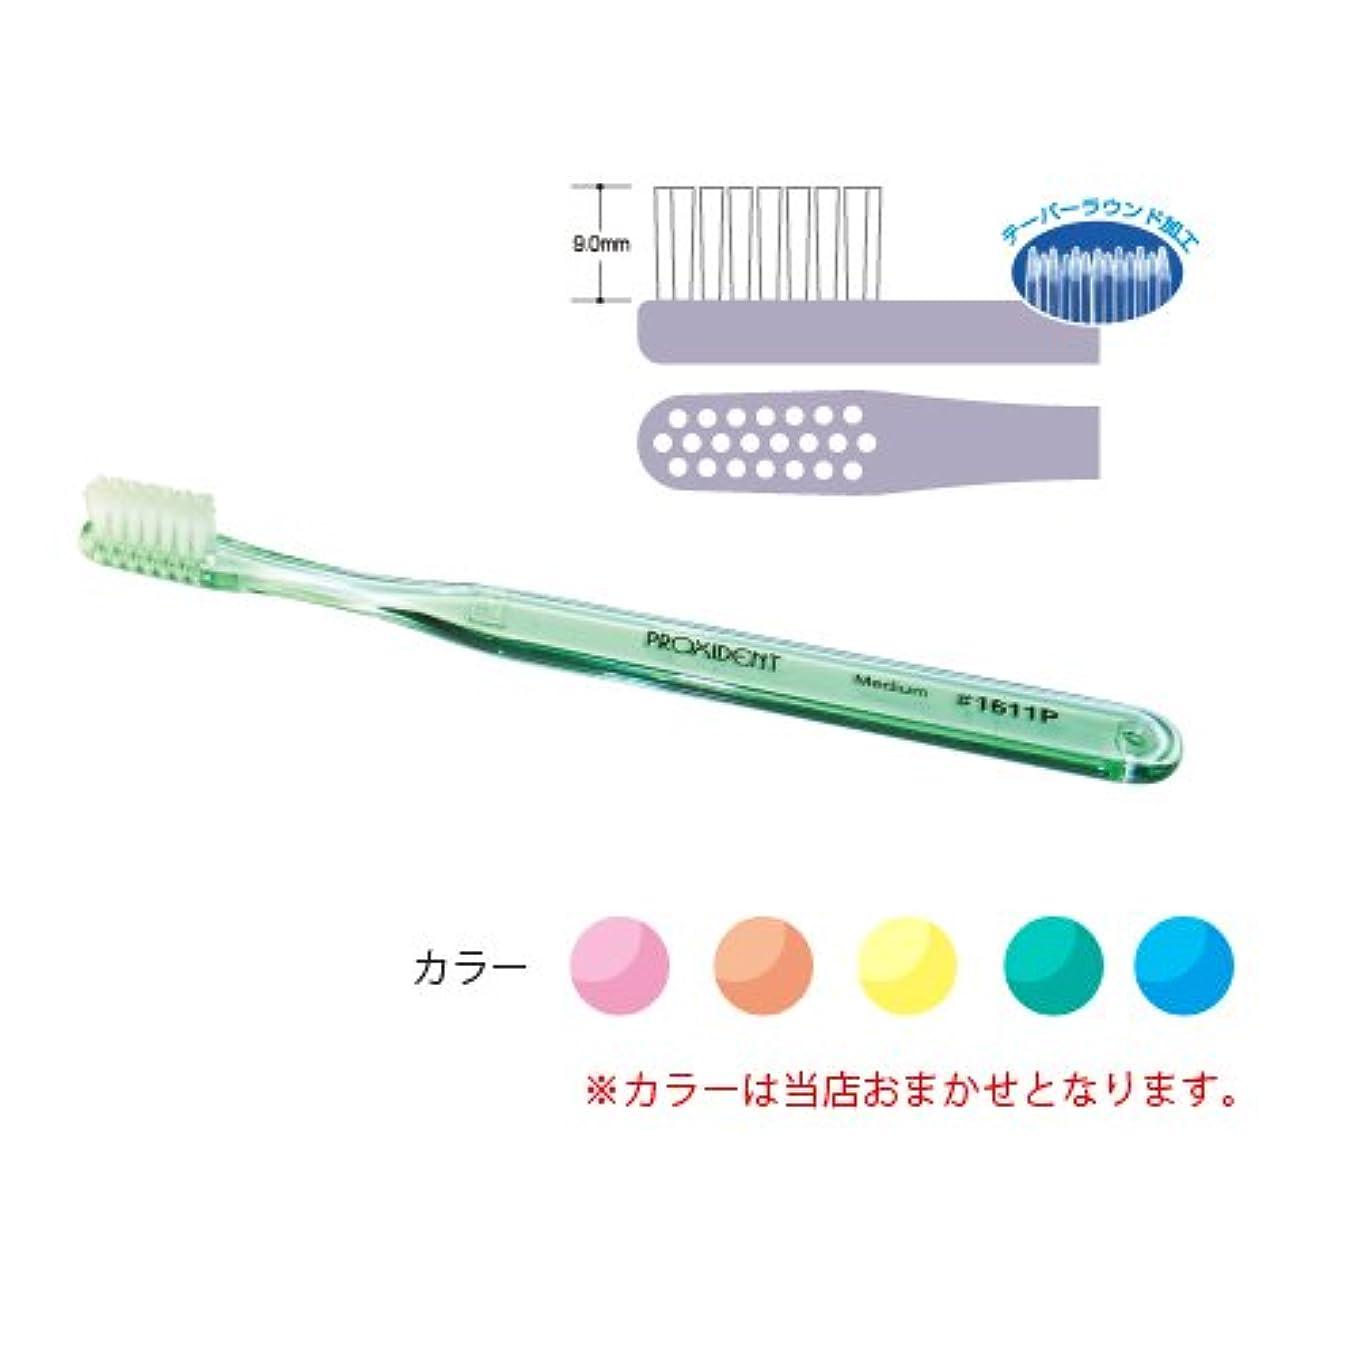 鎮痛剤受取人ぐるぐるプローデント プロキシデント #1611P 歯ブラシ 1本入